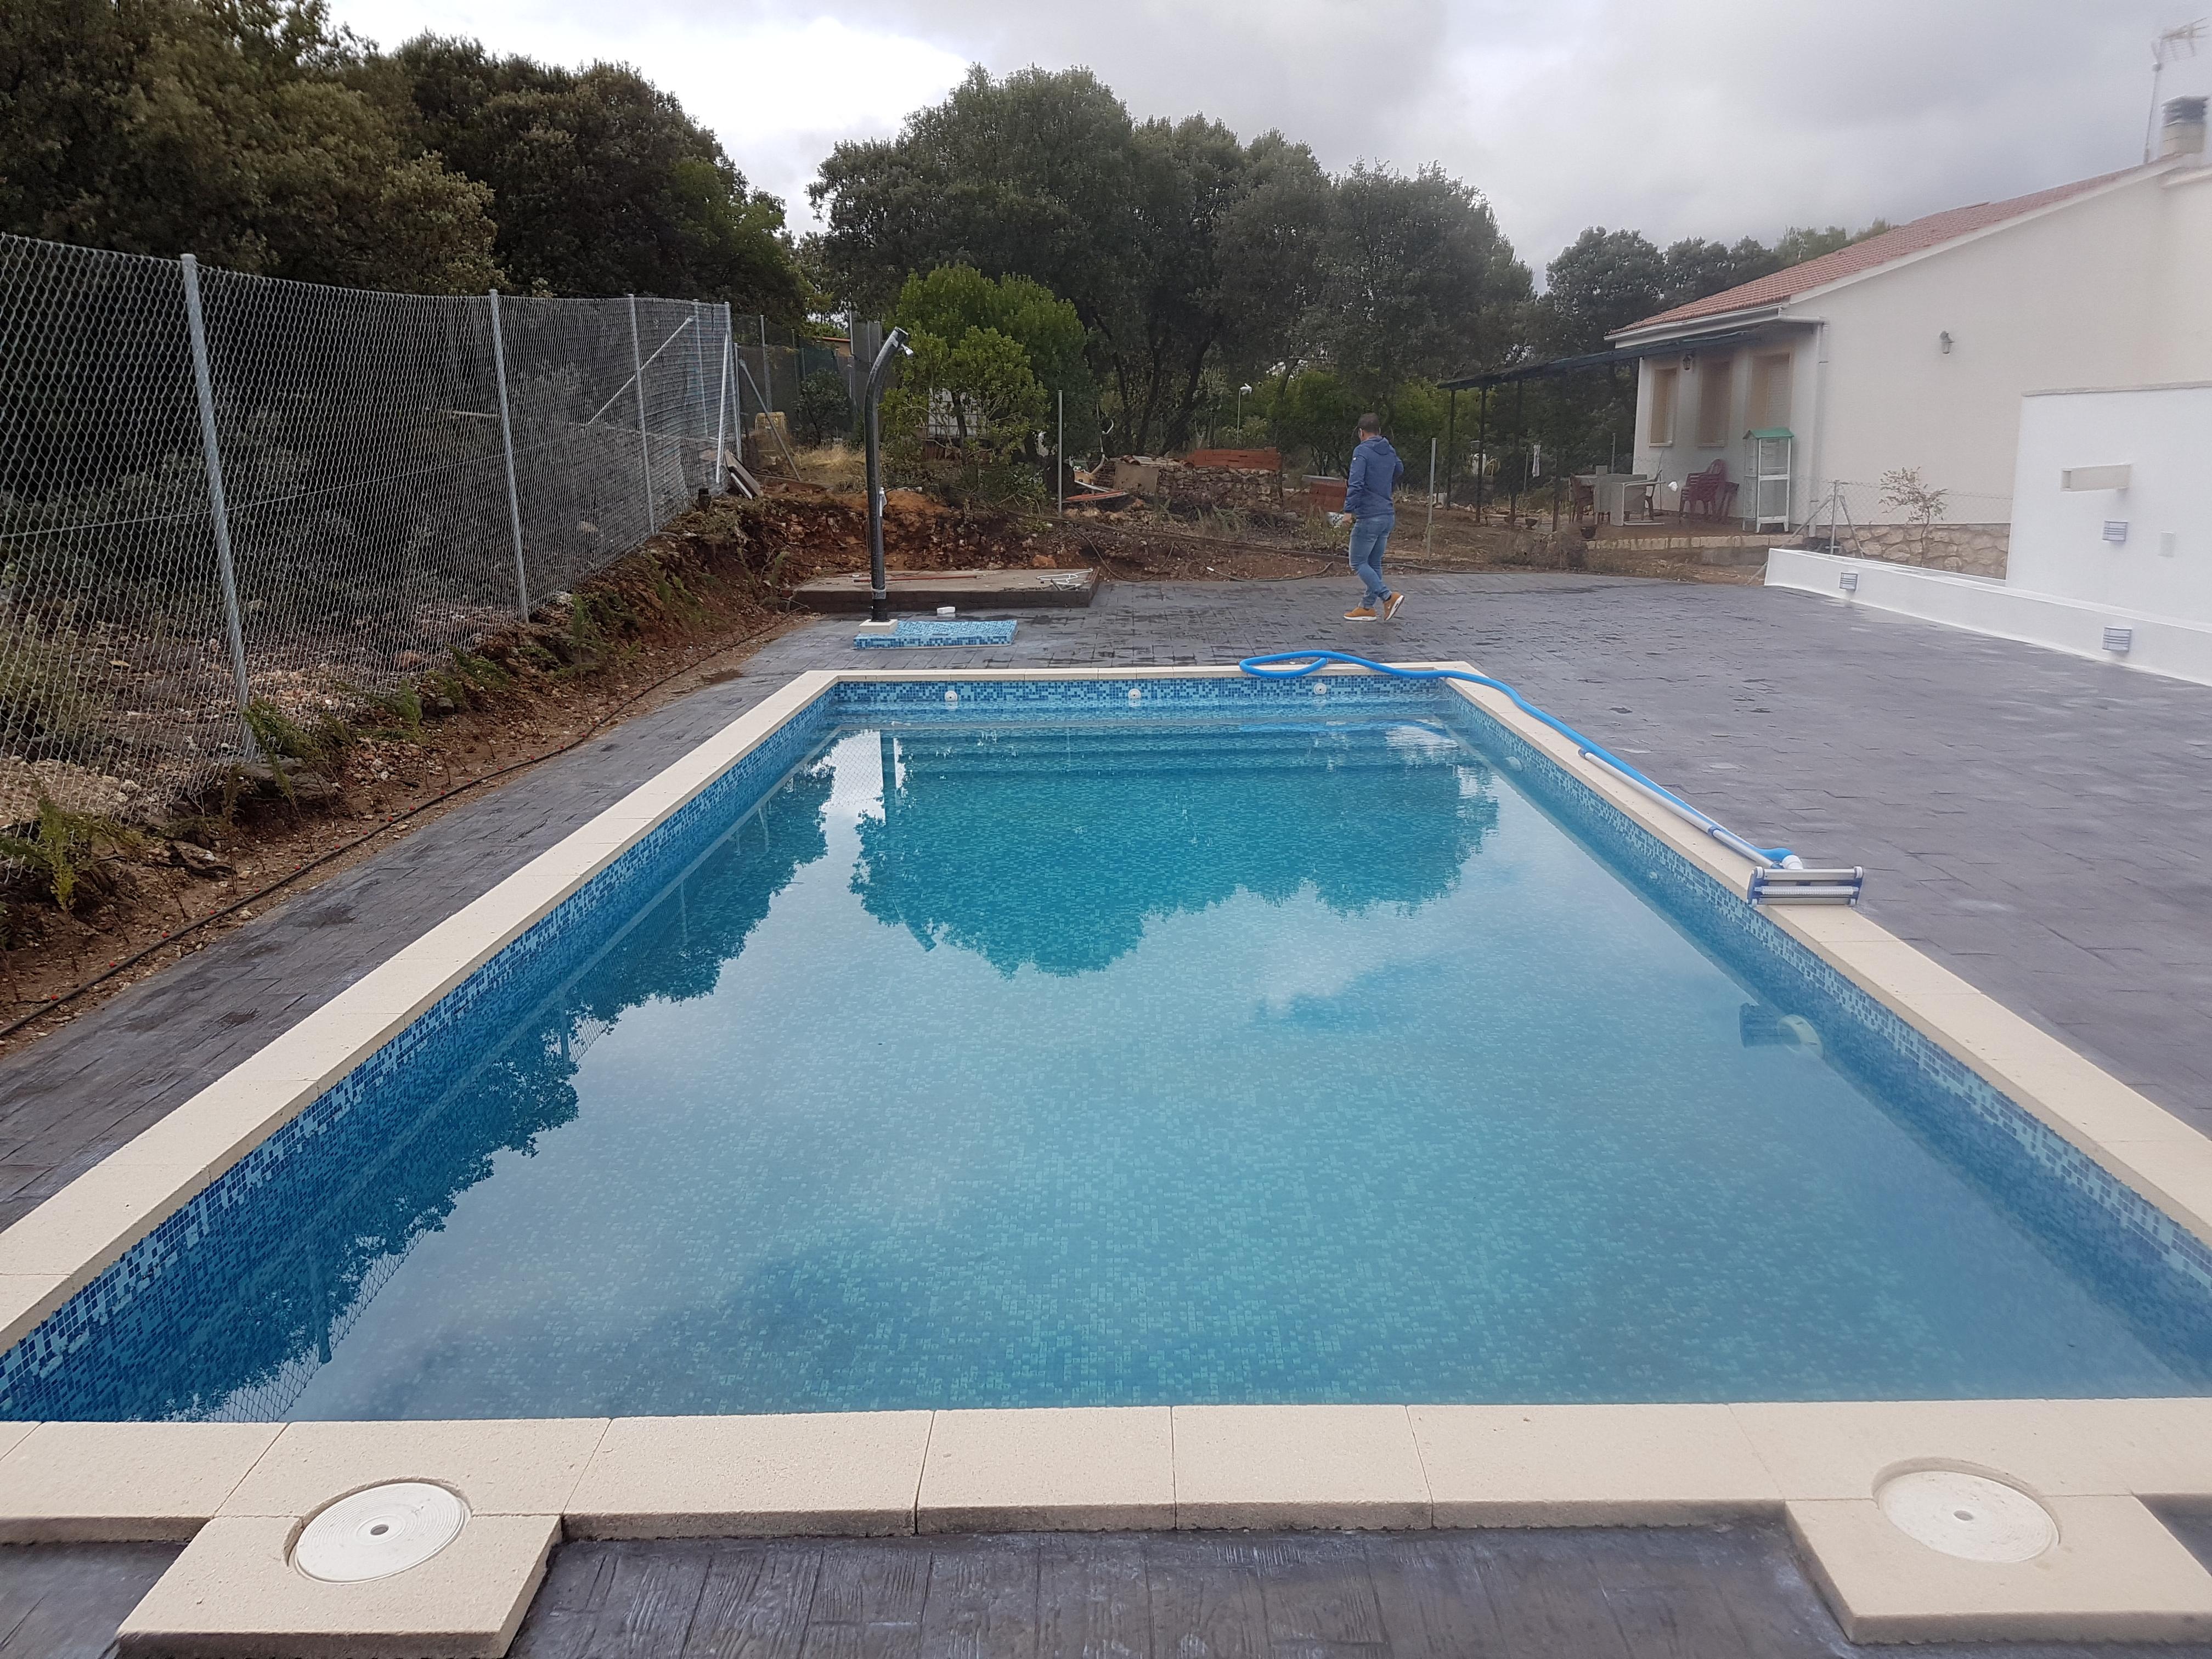 Construcci n de piscinas en c rdoba adatres construcci n for Construccion de piscinas en corrientes